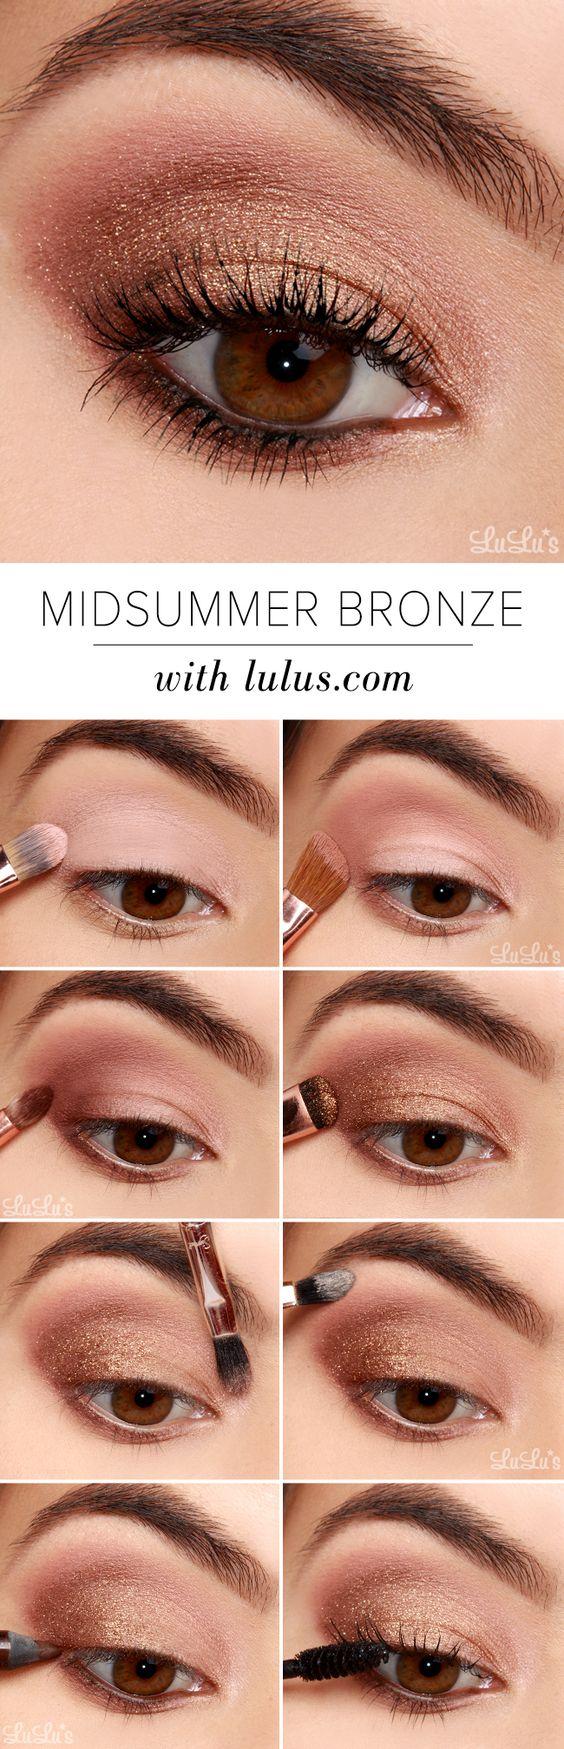 Summer Makeup Ideas